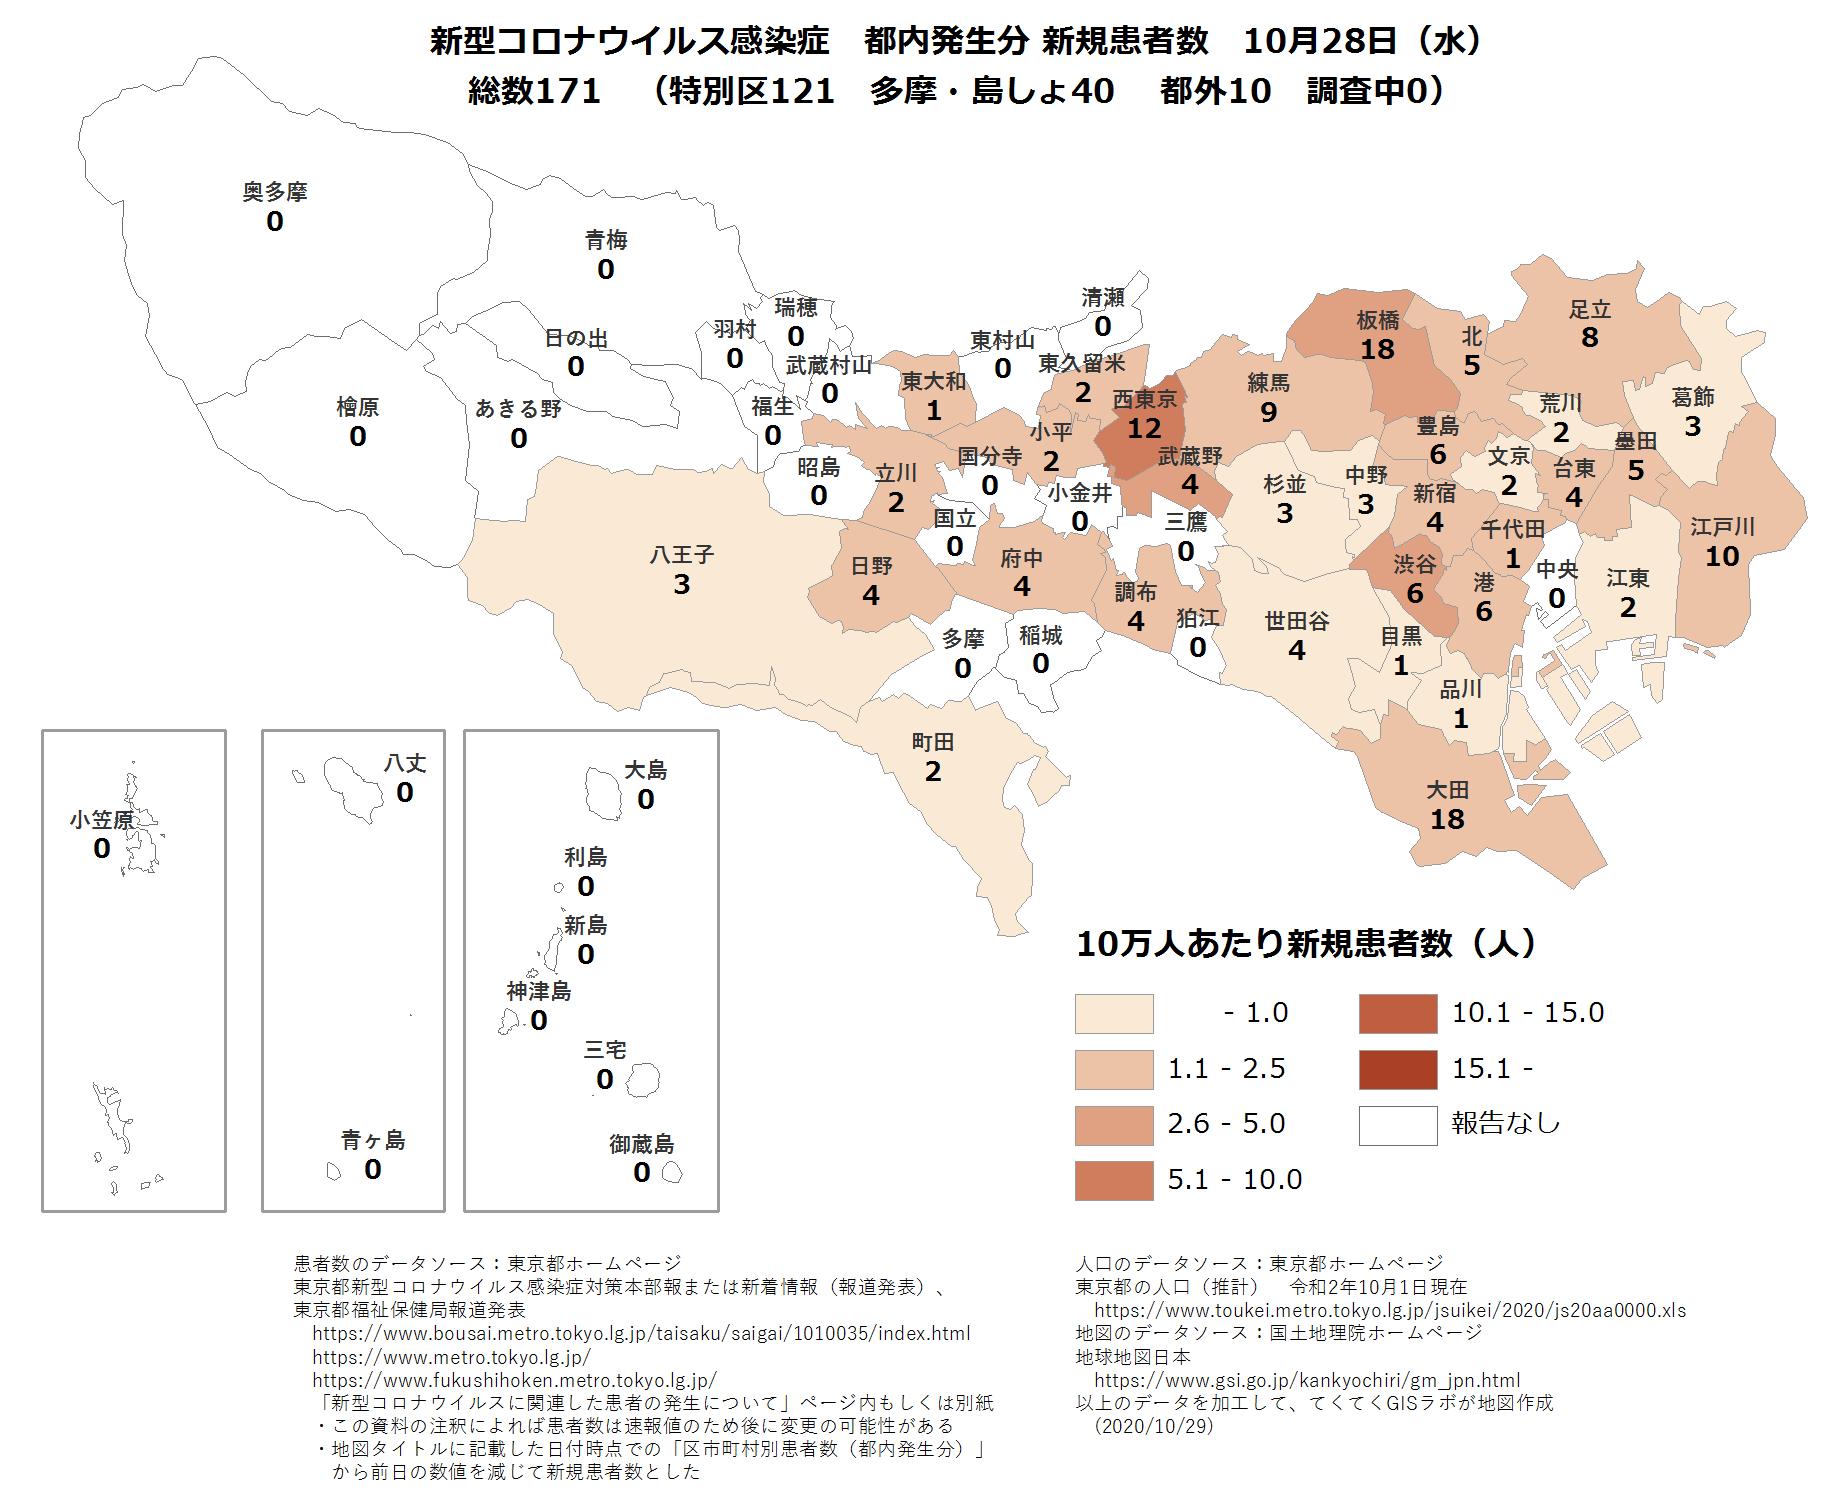 市区町村ごと新規患者数10月28日東京